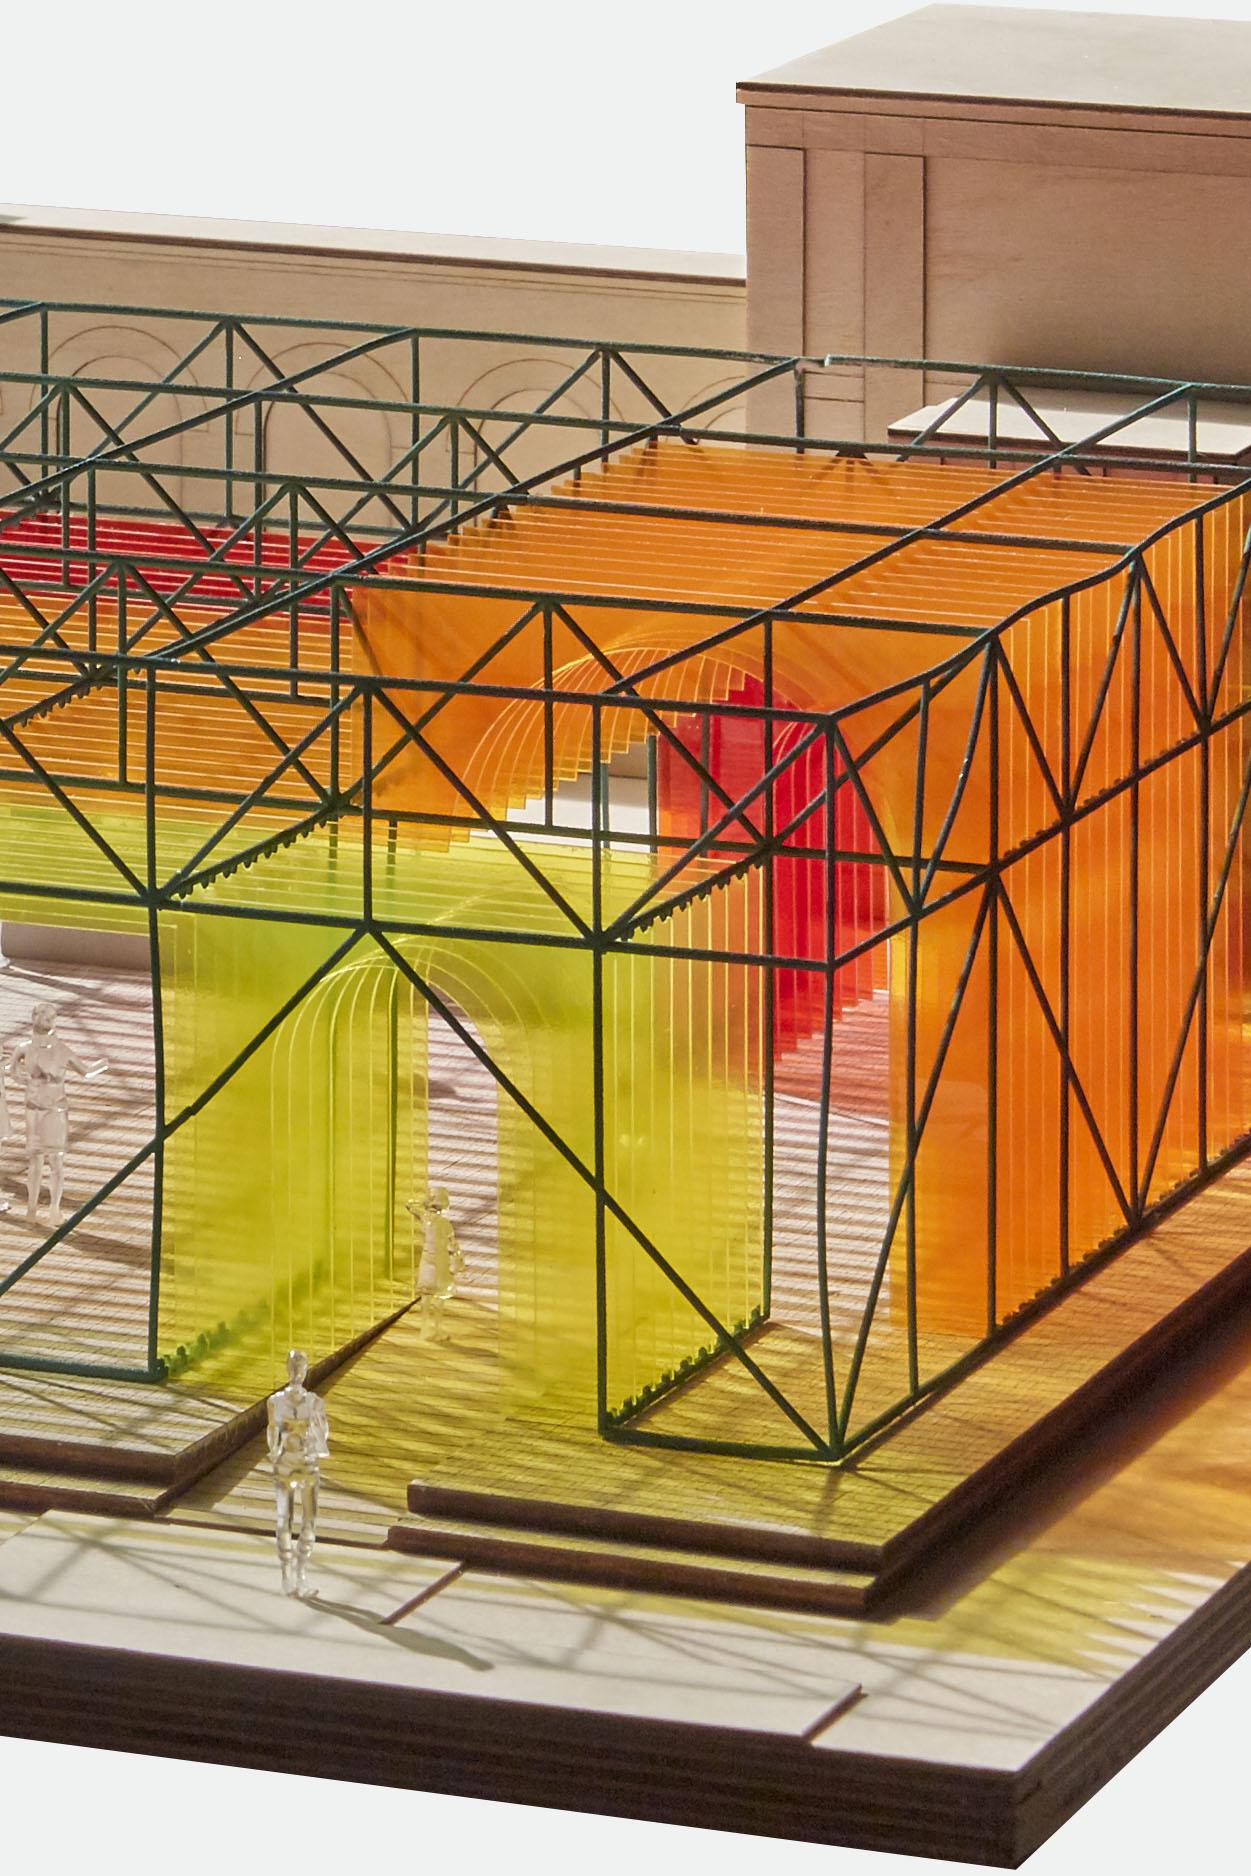 Dulwich Pavilion structure